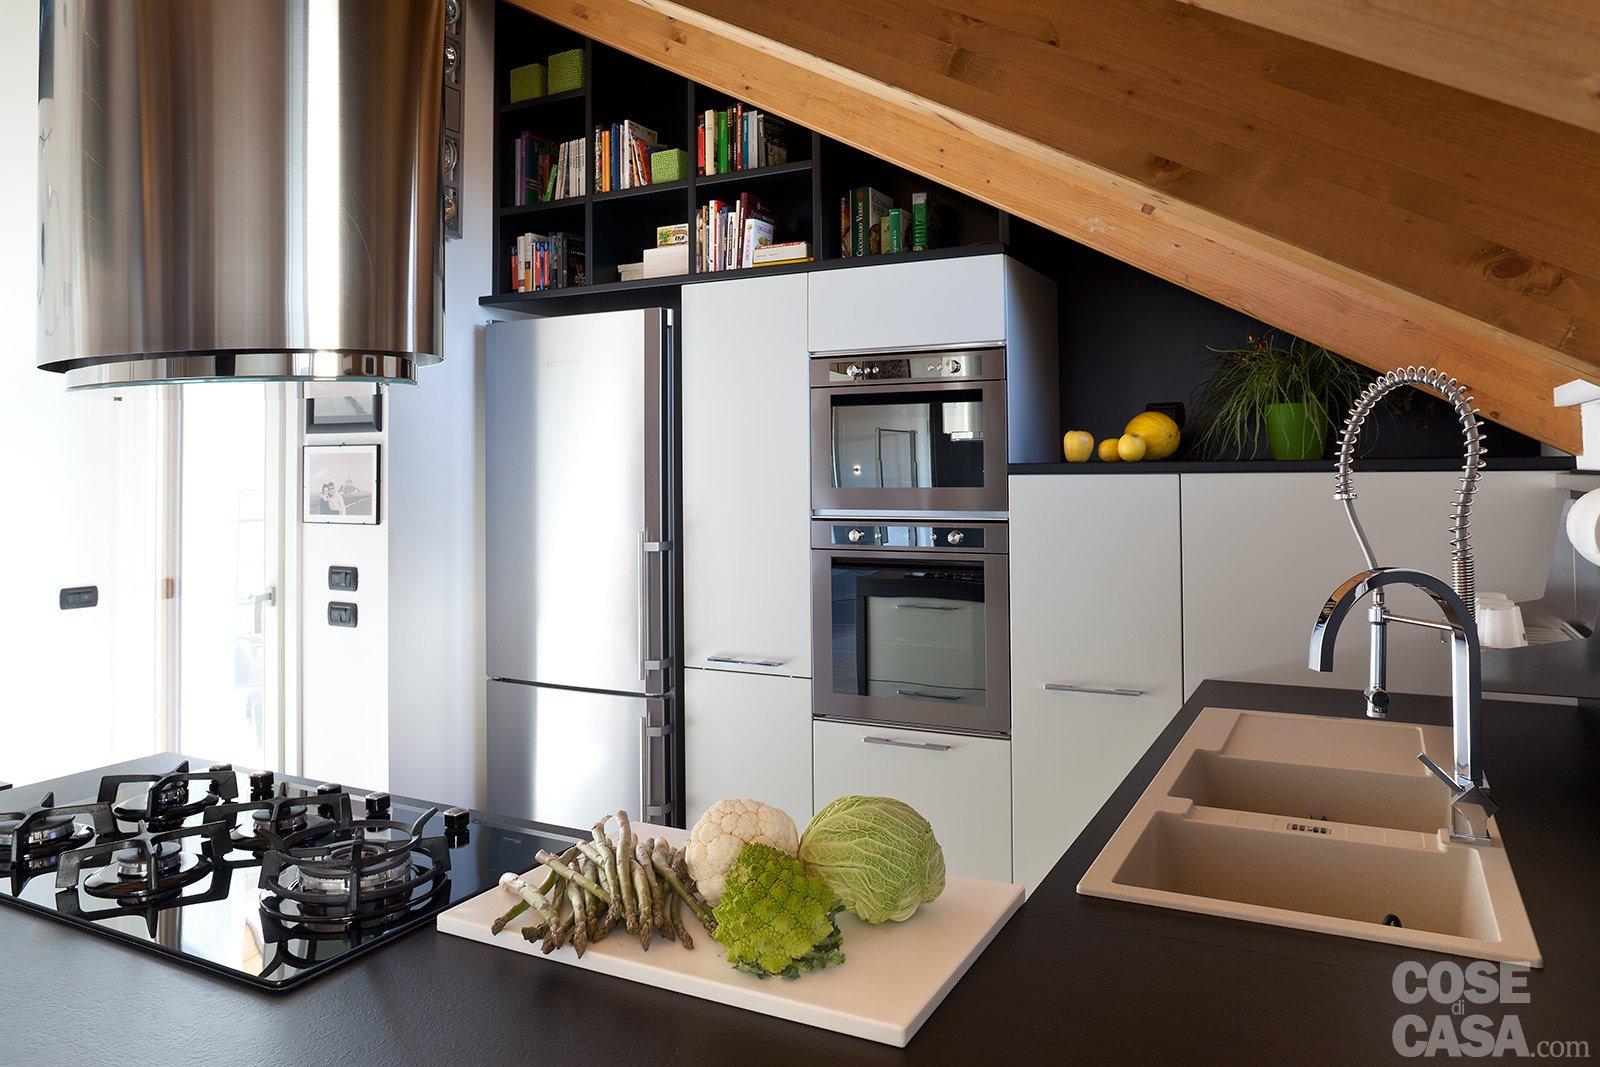 90 10 mq per una casa che sfrutta bene gli spazi cose di - Cucina con soppalco ...